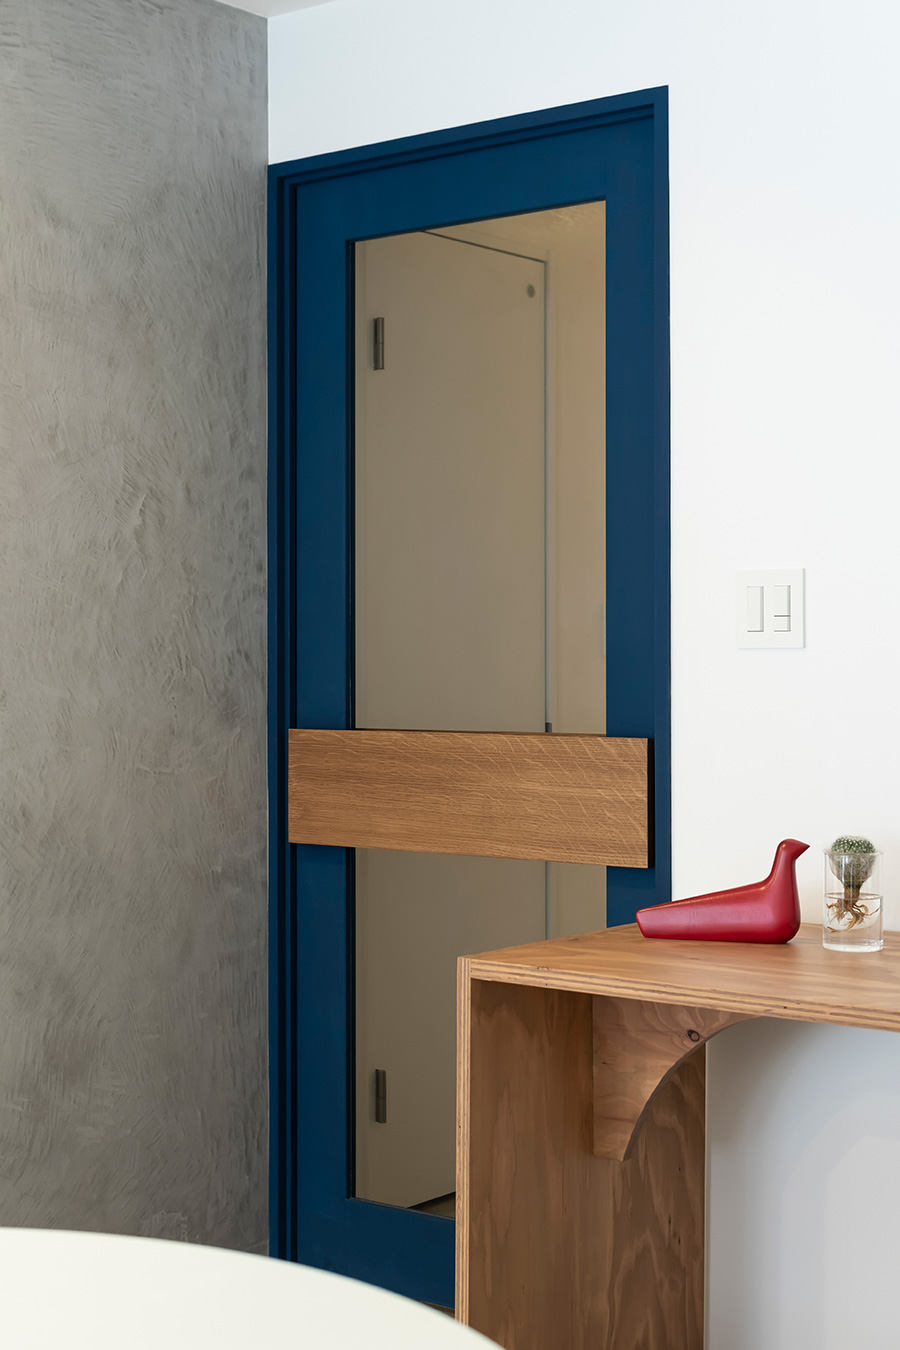 リビングの扉にガラスをはめて、窓からの日光を廊下へと届ける。